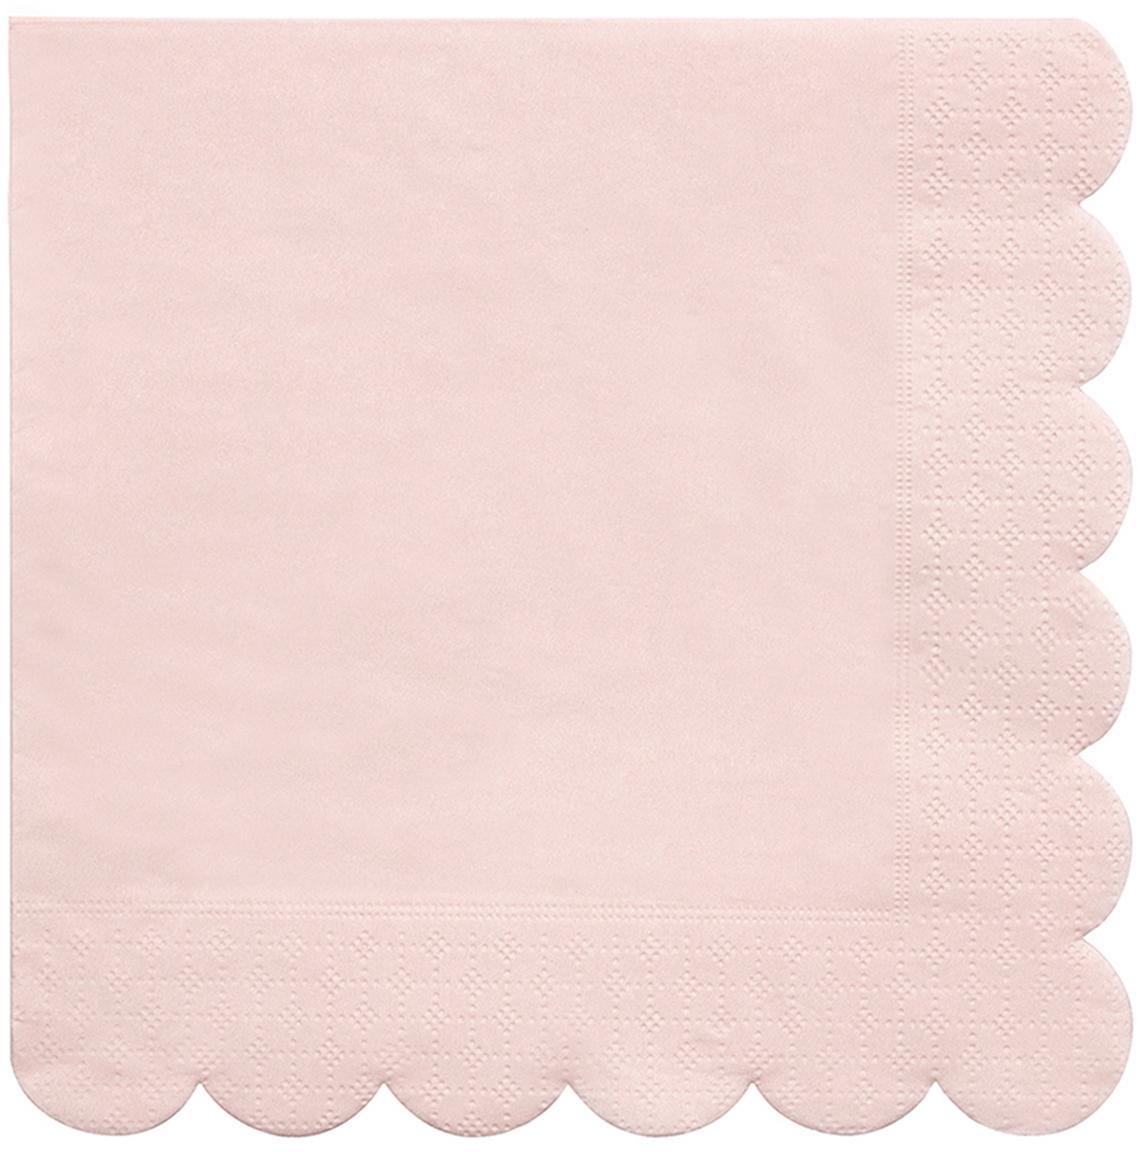 Papieren servetten Simply Eco, 20 stuks, Papier, Roze, 33 x 33 cm